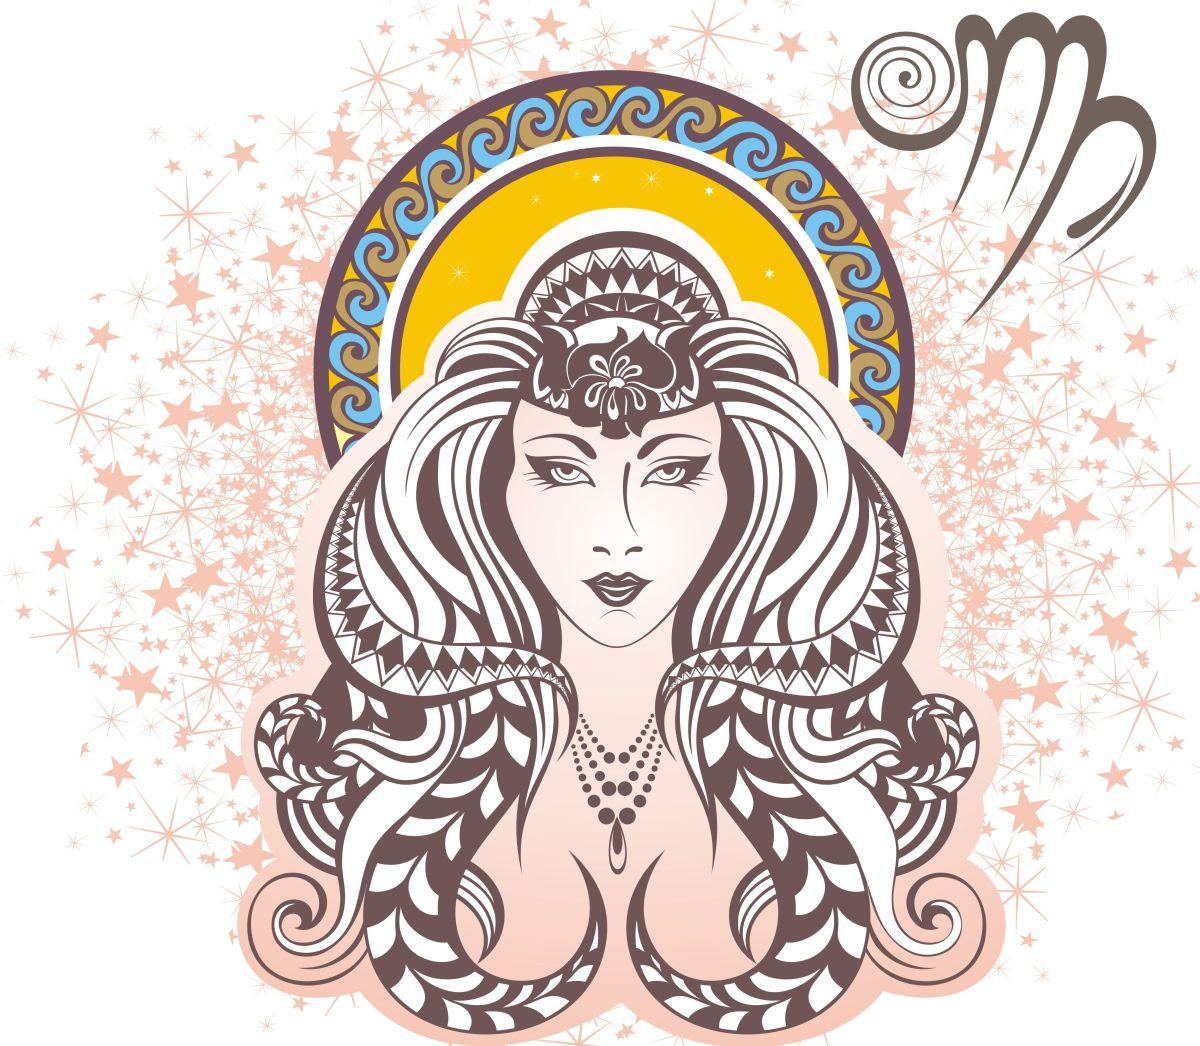 Horóscopo: Qué le espera al signo de Virgo en este mes de junio